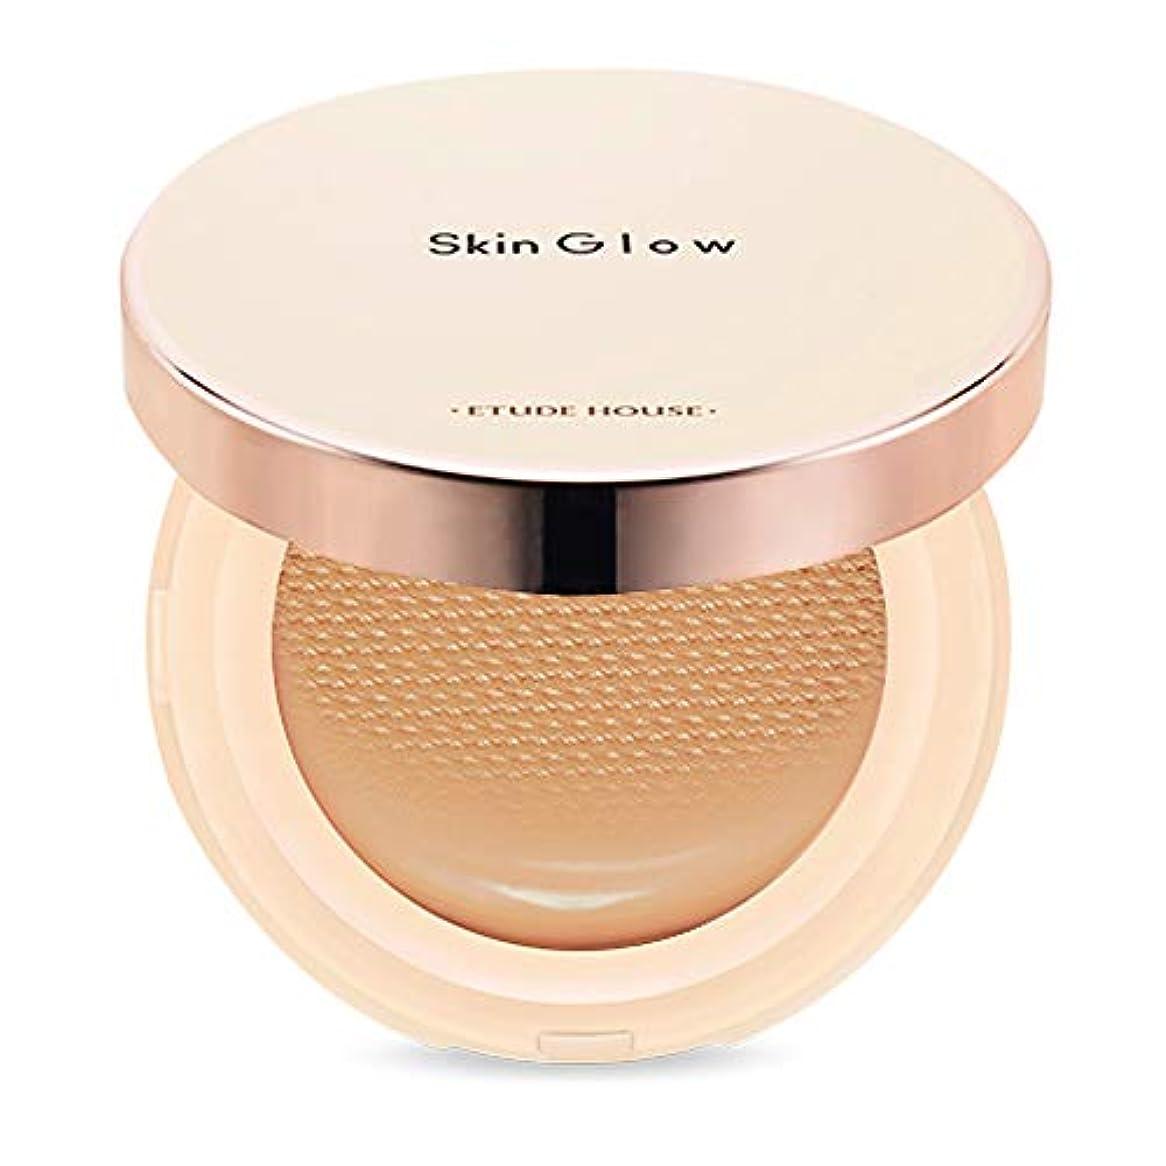 仲介者シンボル黙認するEtude House Skin Glow Essence Cushion SPF50+/PA++++ エチュードハウス スキン グロー エッセンス クッション (# N06 Tan) [並行輸入品]